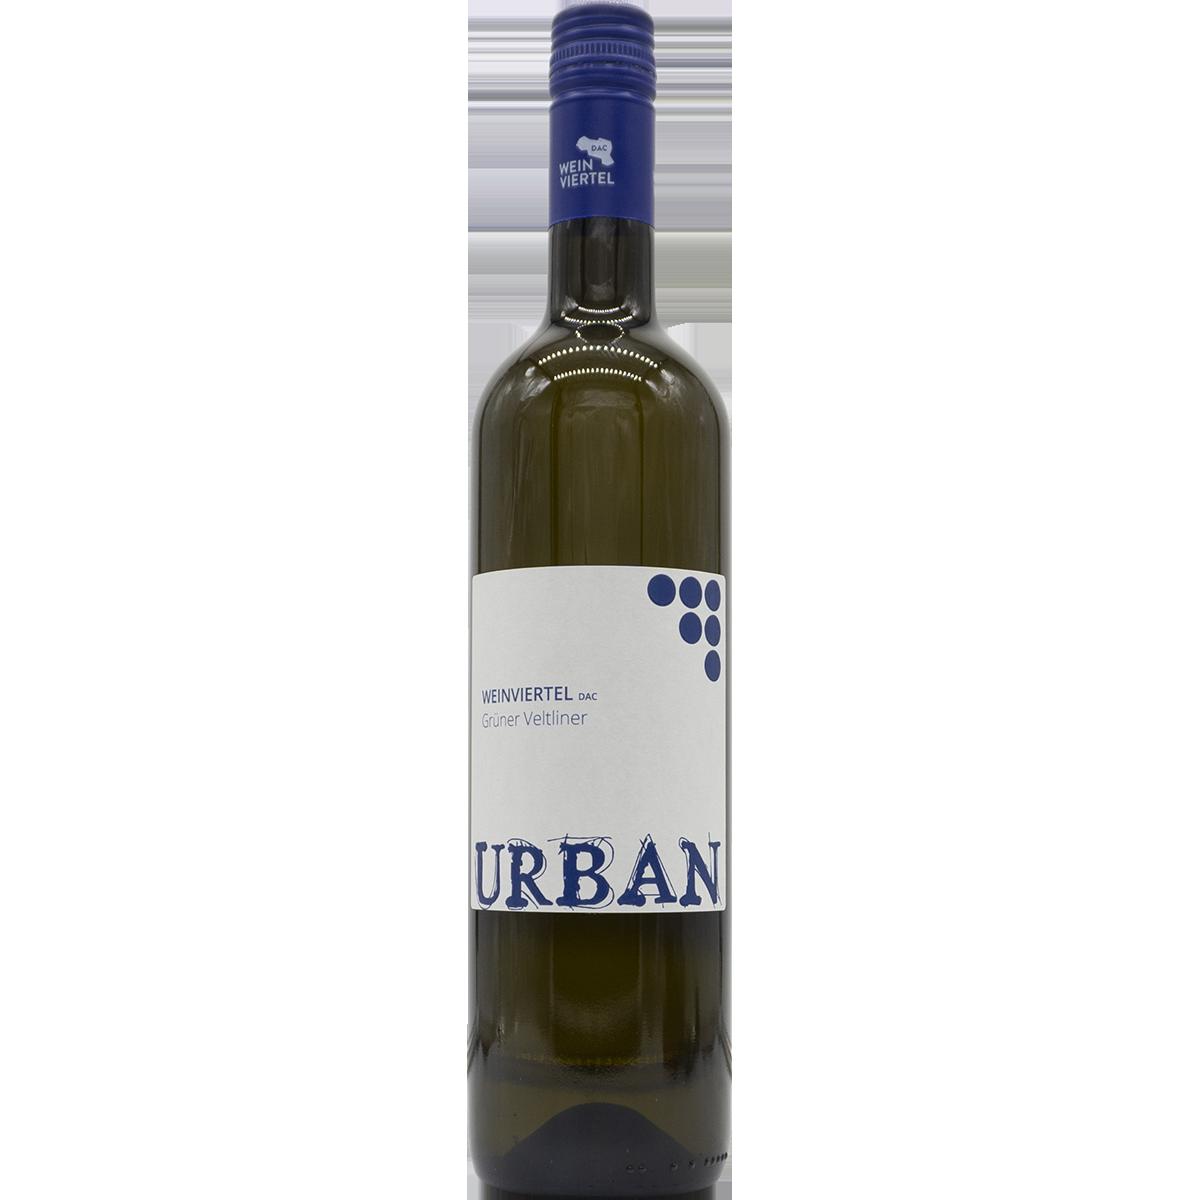 Grüner Veltliner Weinviertel DAC 2020 - Urban